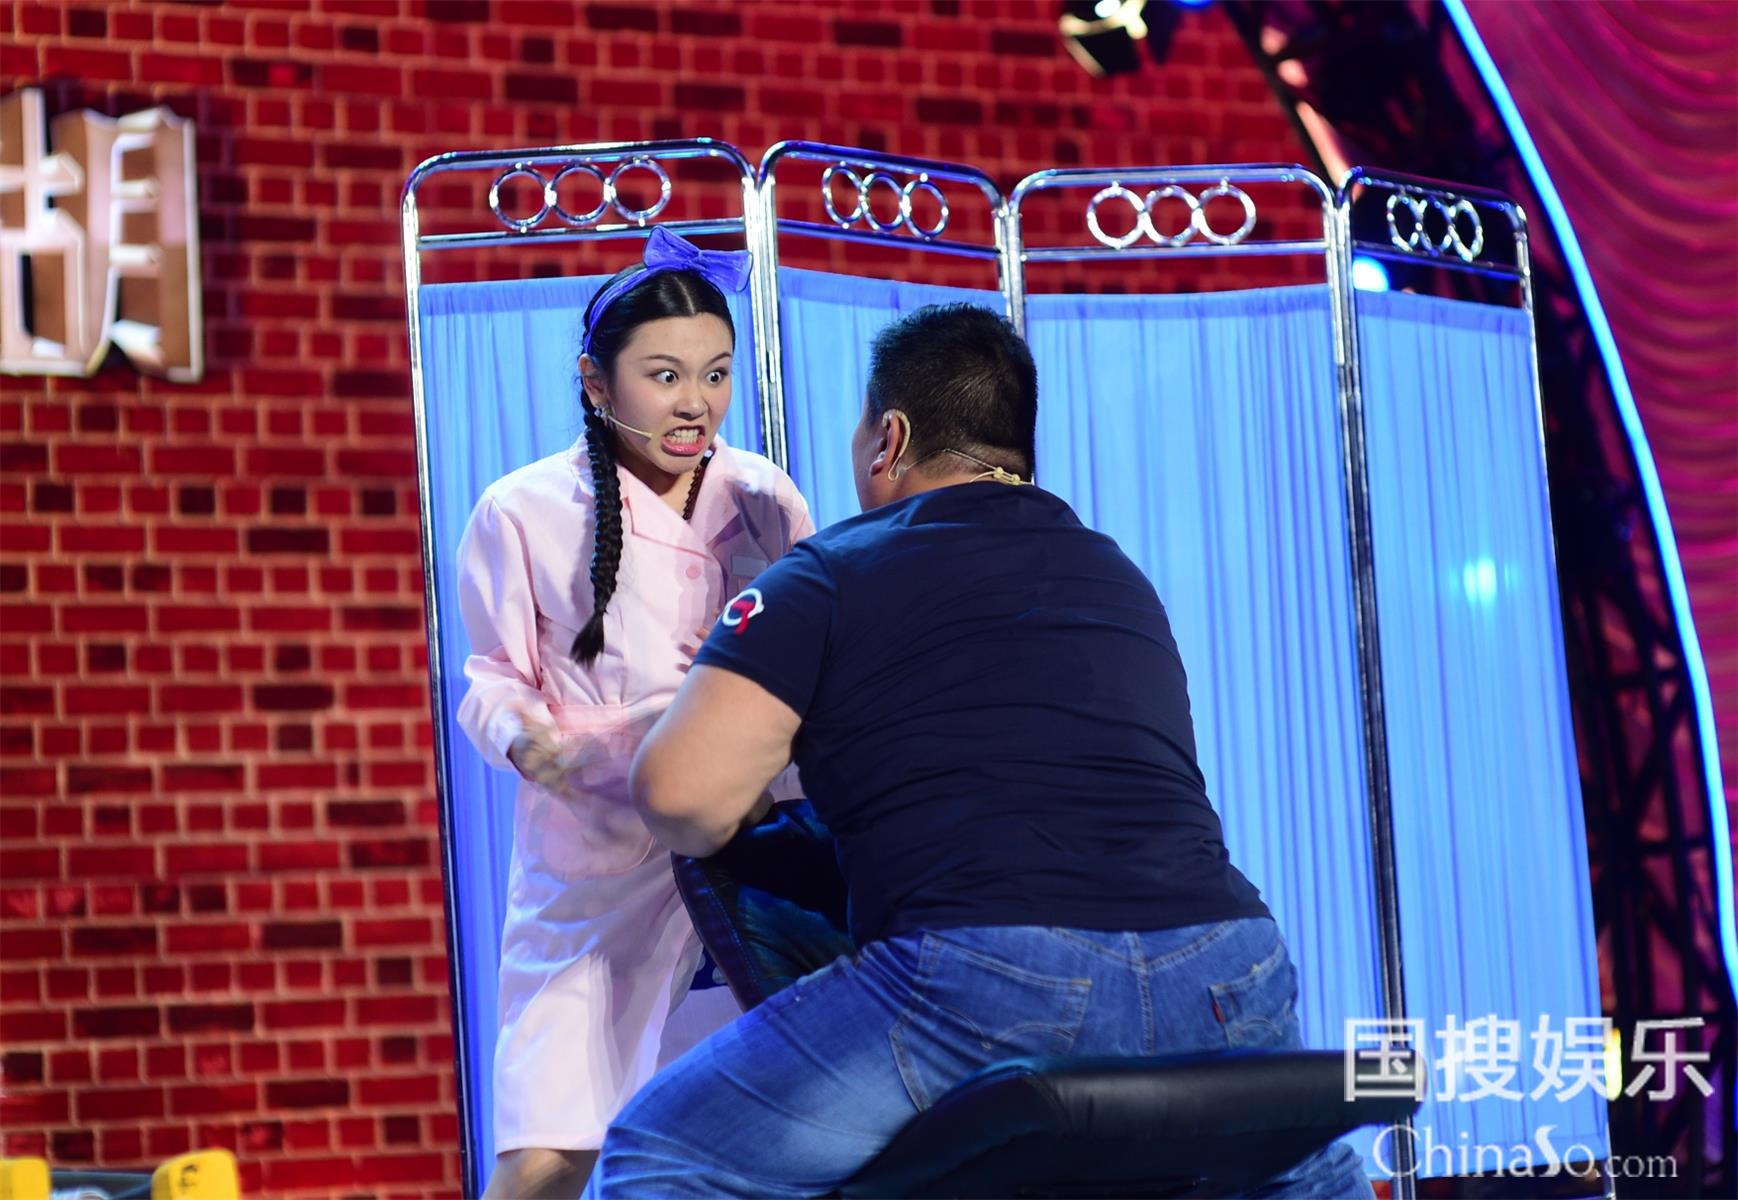 美女选手陆敏雪对冯小刚撒娇 郭德纲:交男朋友了吗? 6